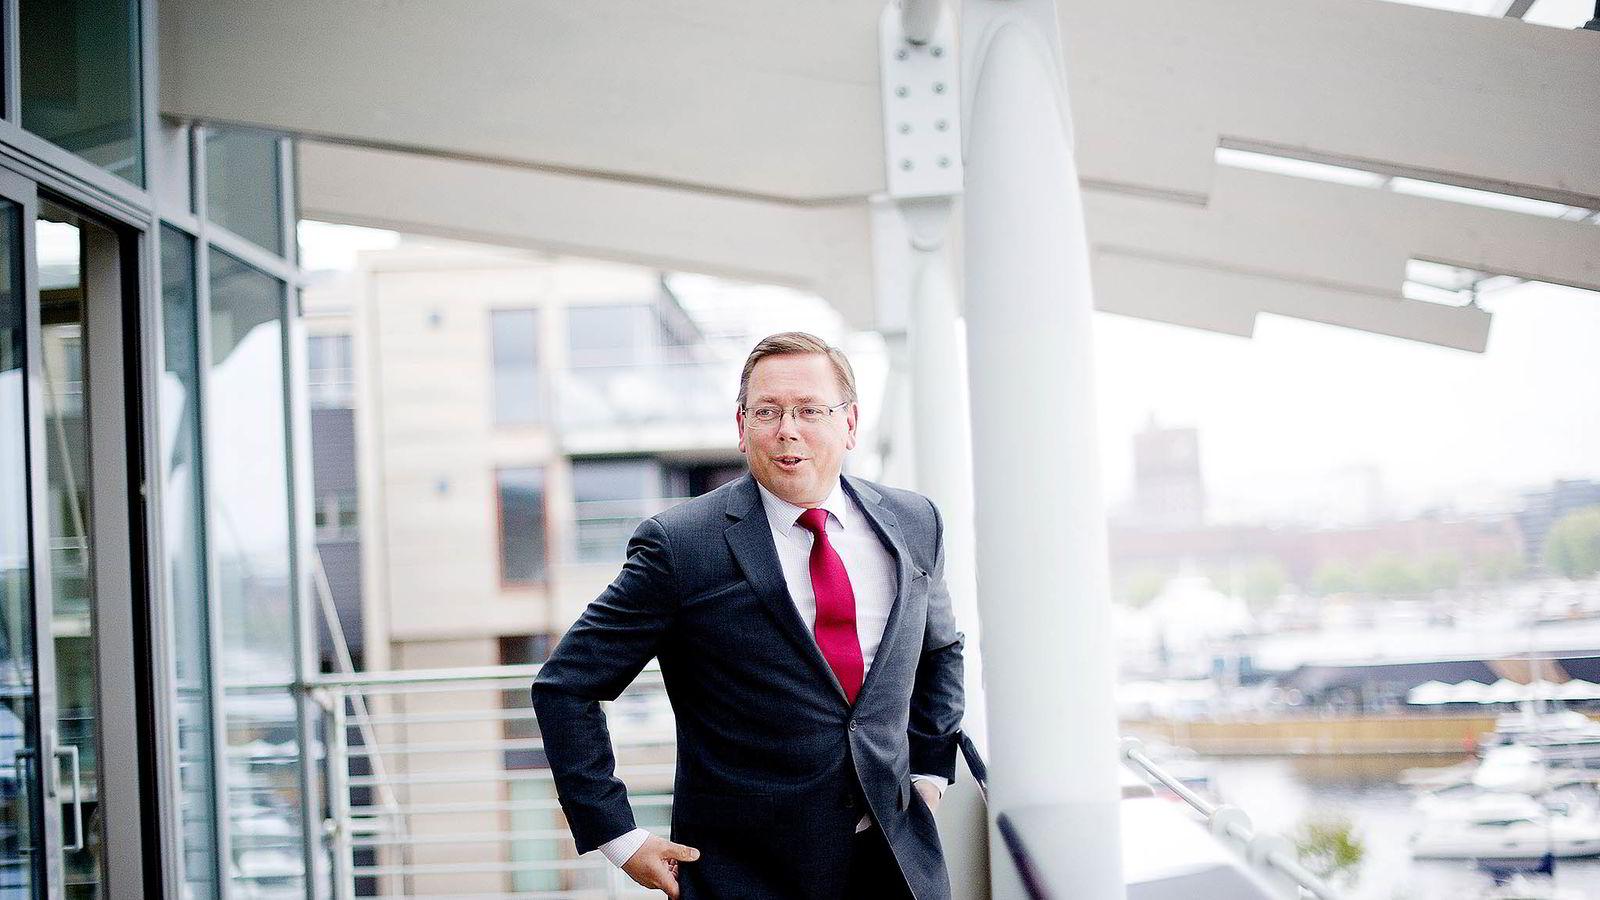 DYREST. Administrerende partner Morten P. Smørdal i BA-HR leder det femte største advokatfirmaet og tar seg best betalt. For de andre firmaene flater det ut.